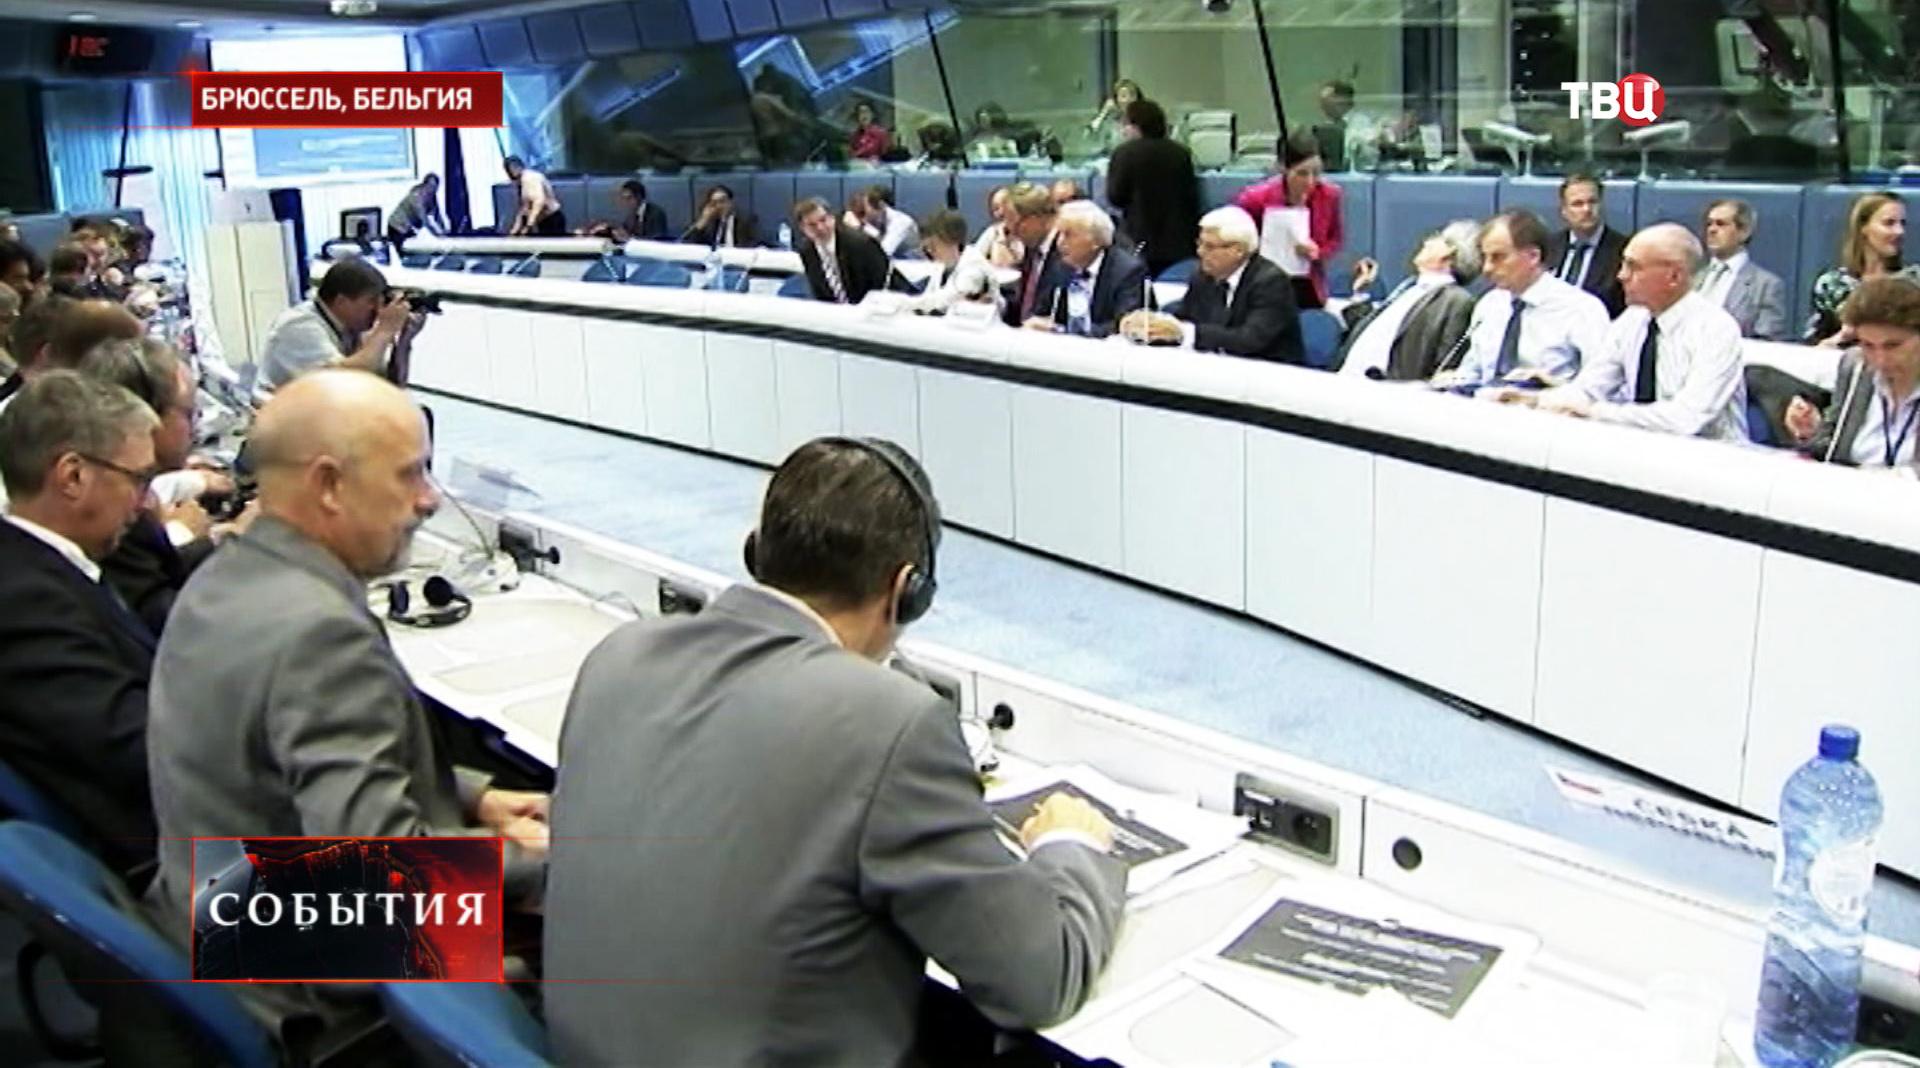 Эксперты сельского хозяйства на совещании в Еврокомиссии